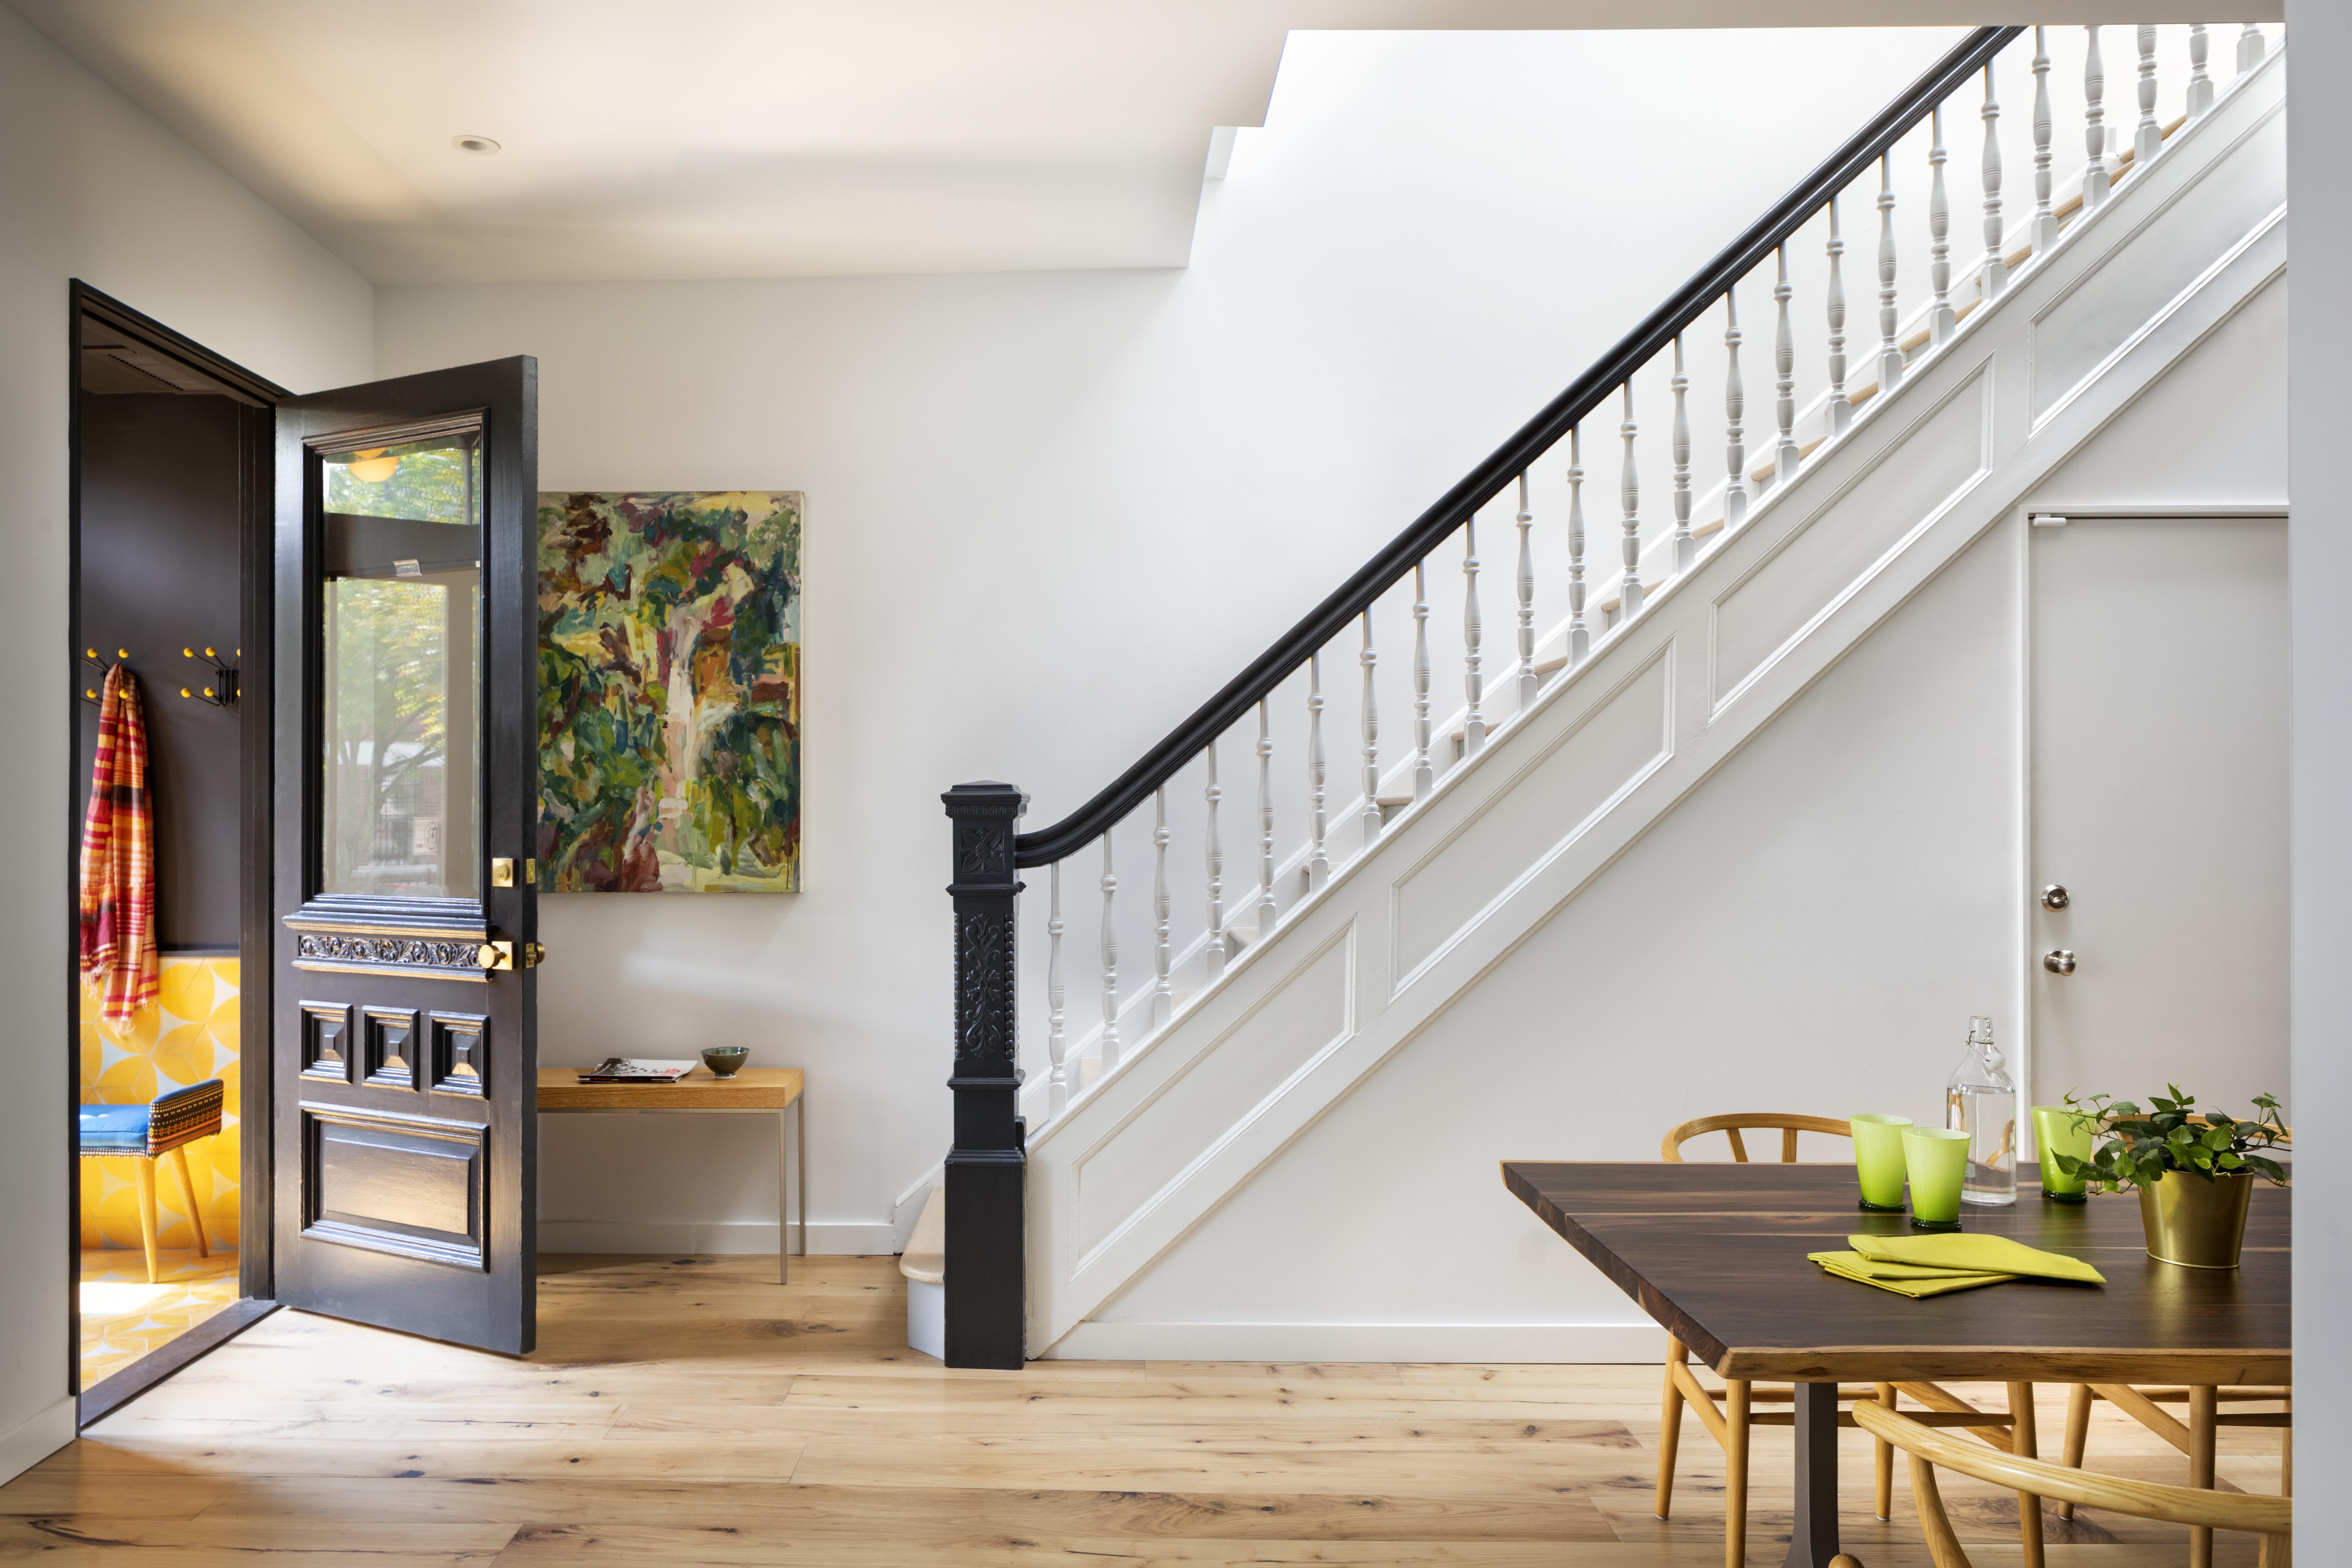 <a href='https://revistaaxxis.com.co/interiorismo-espacios-cambios-lugares/'><h2>El interiorismo puede darle un cambio inesperado a cualquier lugar</h2>En Crown Heights, un barrio en la parte central de Brooklyn, Nueva York, la firma BFDO Architects PLLC hizo un refinado y delicado trabajo de transformación de un espacio tradicional a través de la carpintería, el tratamiento del color, opciones de decoración y alternativas únicas de iluminación.</a>